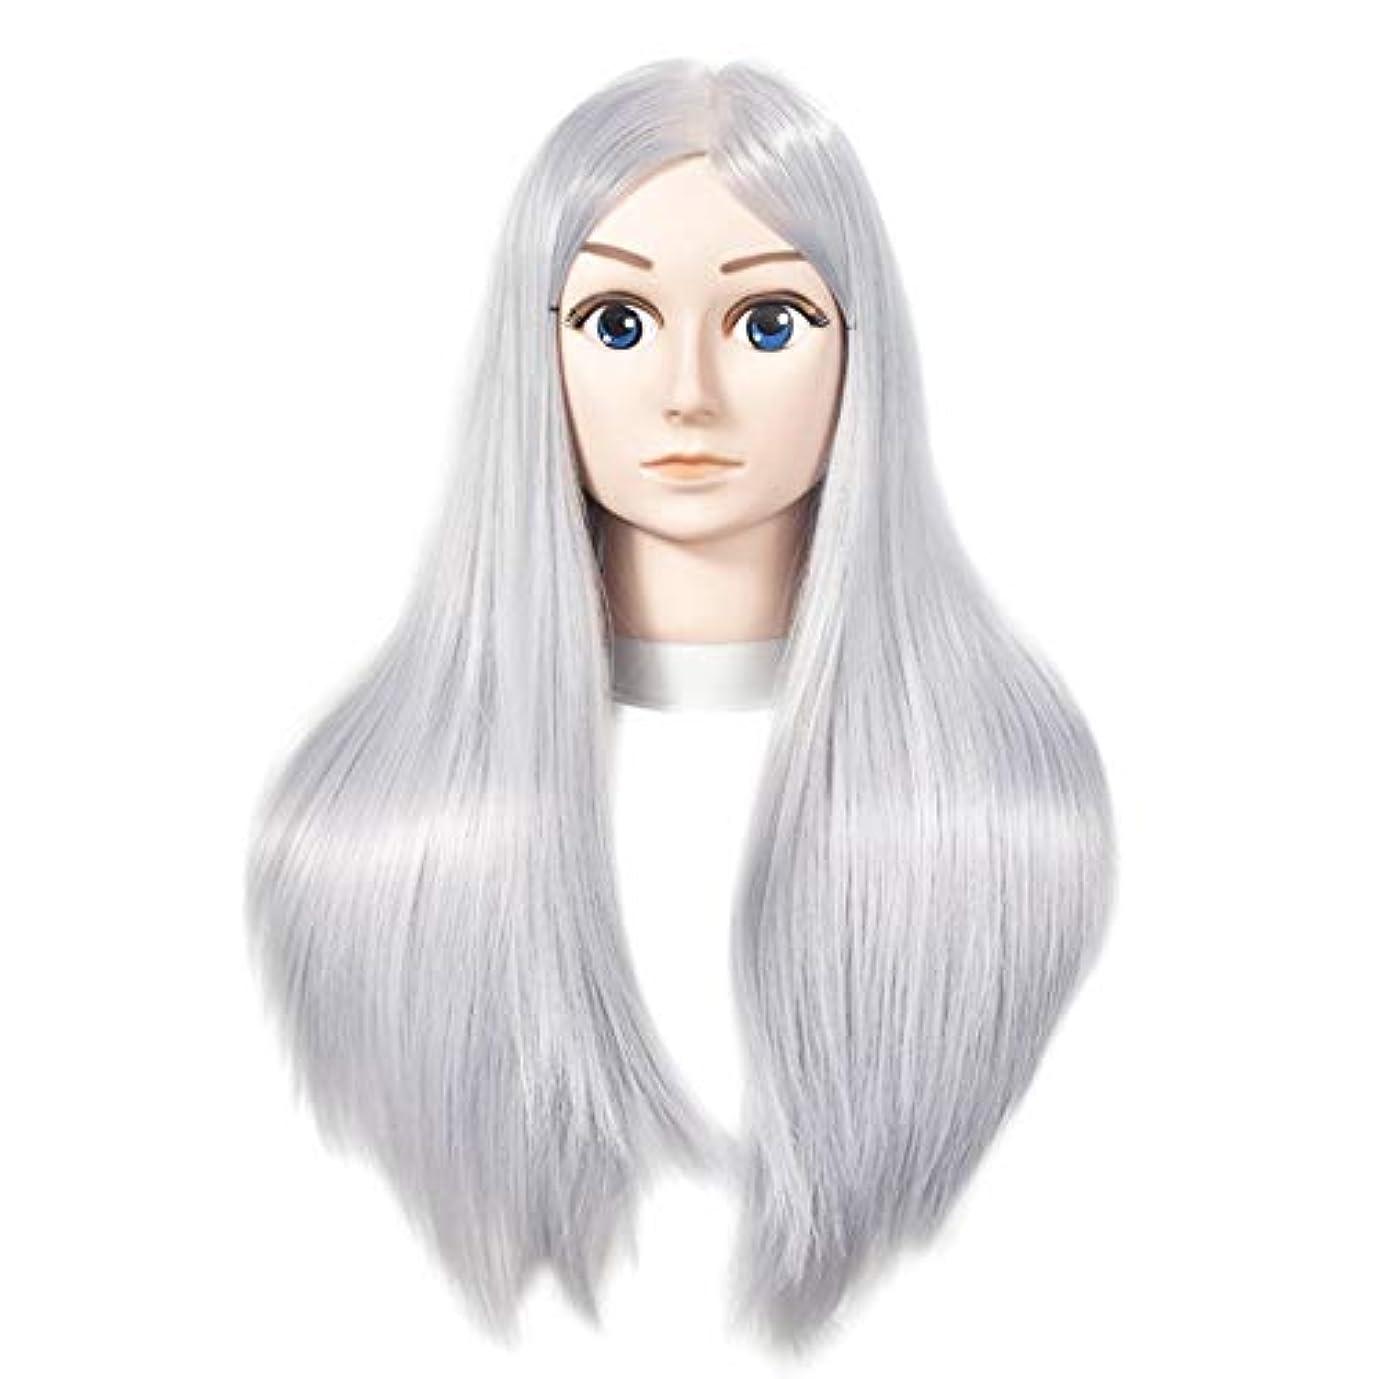 受粉者グローメロン高温シルクかつらヘッド型のヘアカット編みのスタイリングマネキンヘッド理髪店練習指導ダミーヘッドグレー